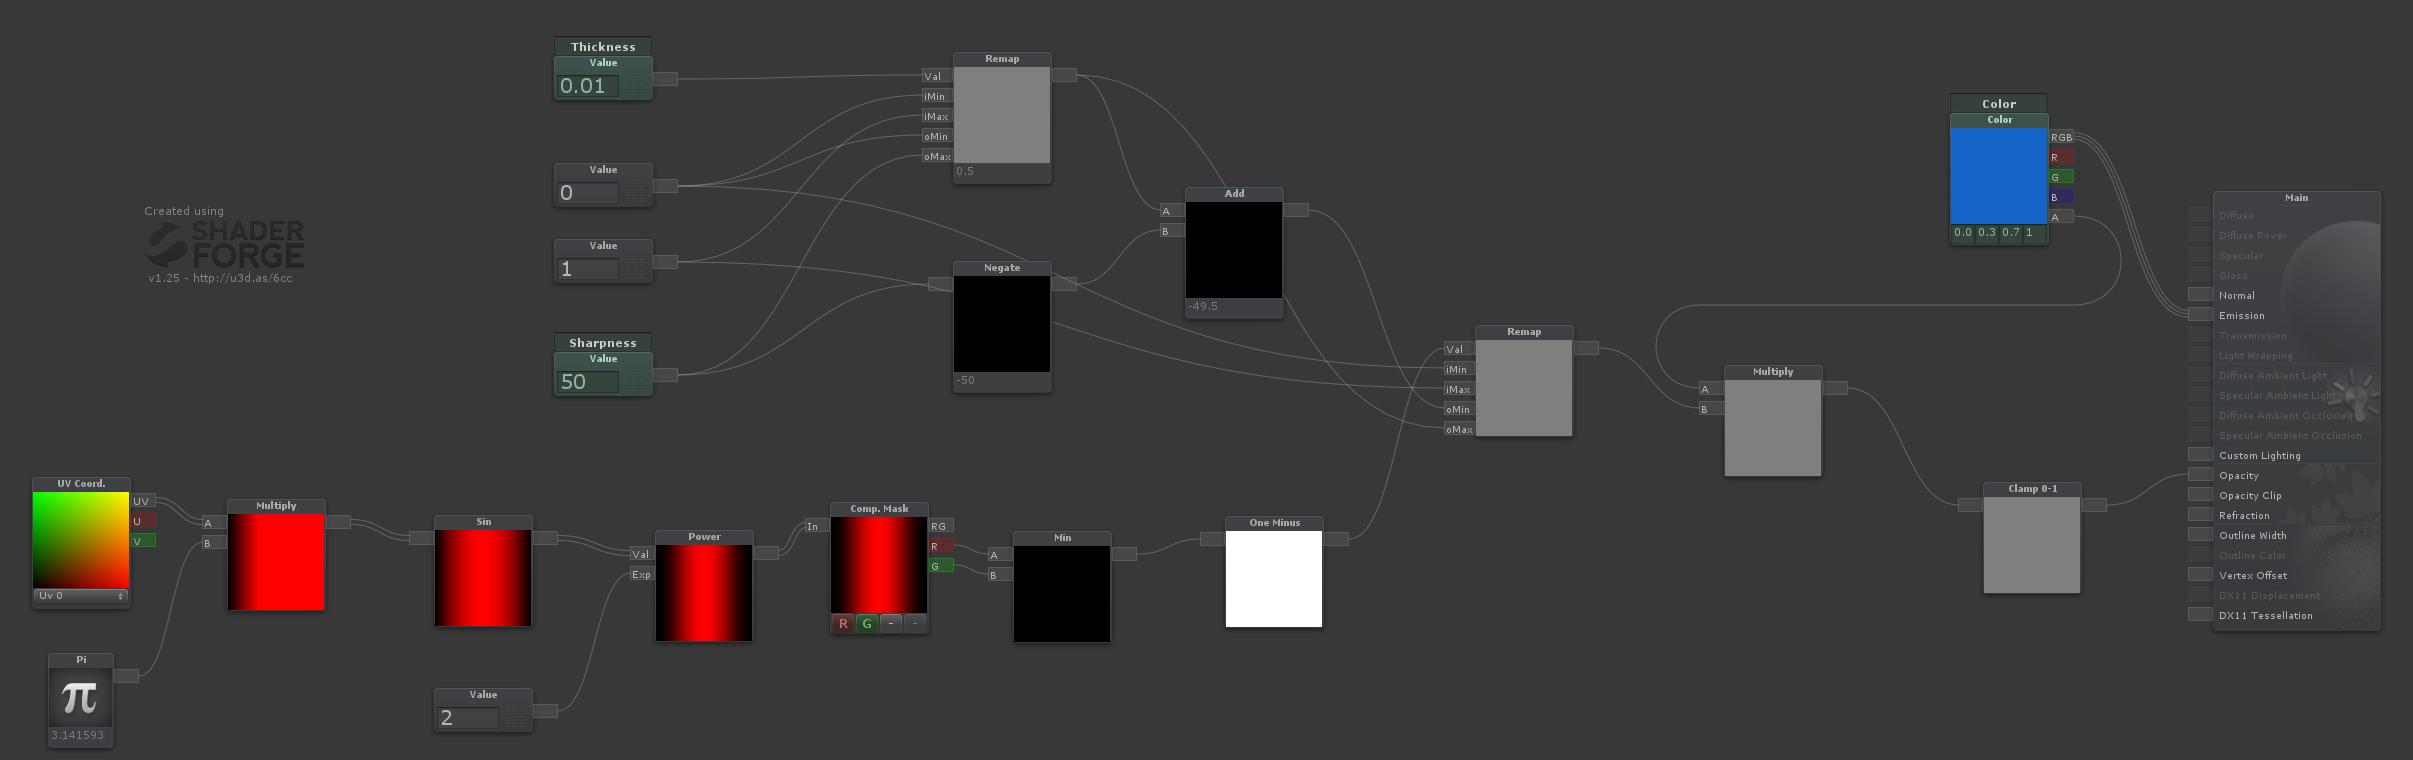 Gemütlich Wireframe Textur Ideen - Schaltplan Serie Circuit ...